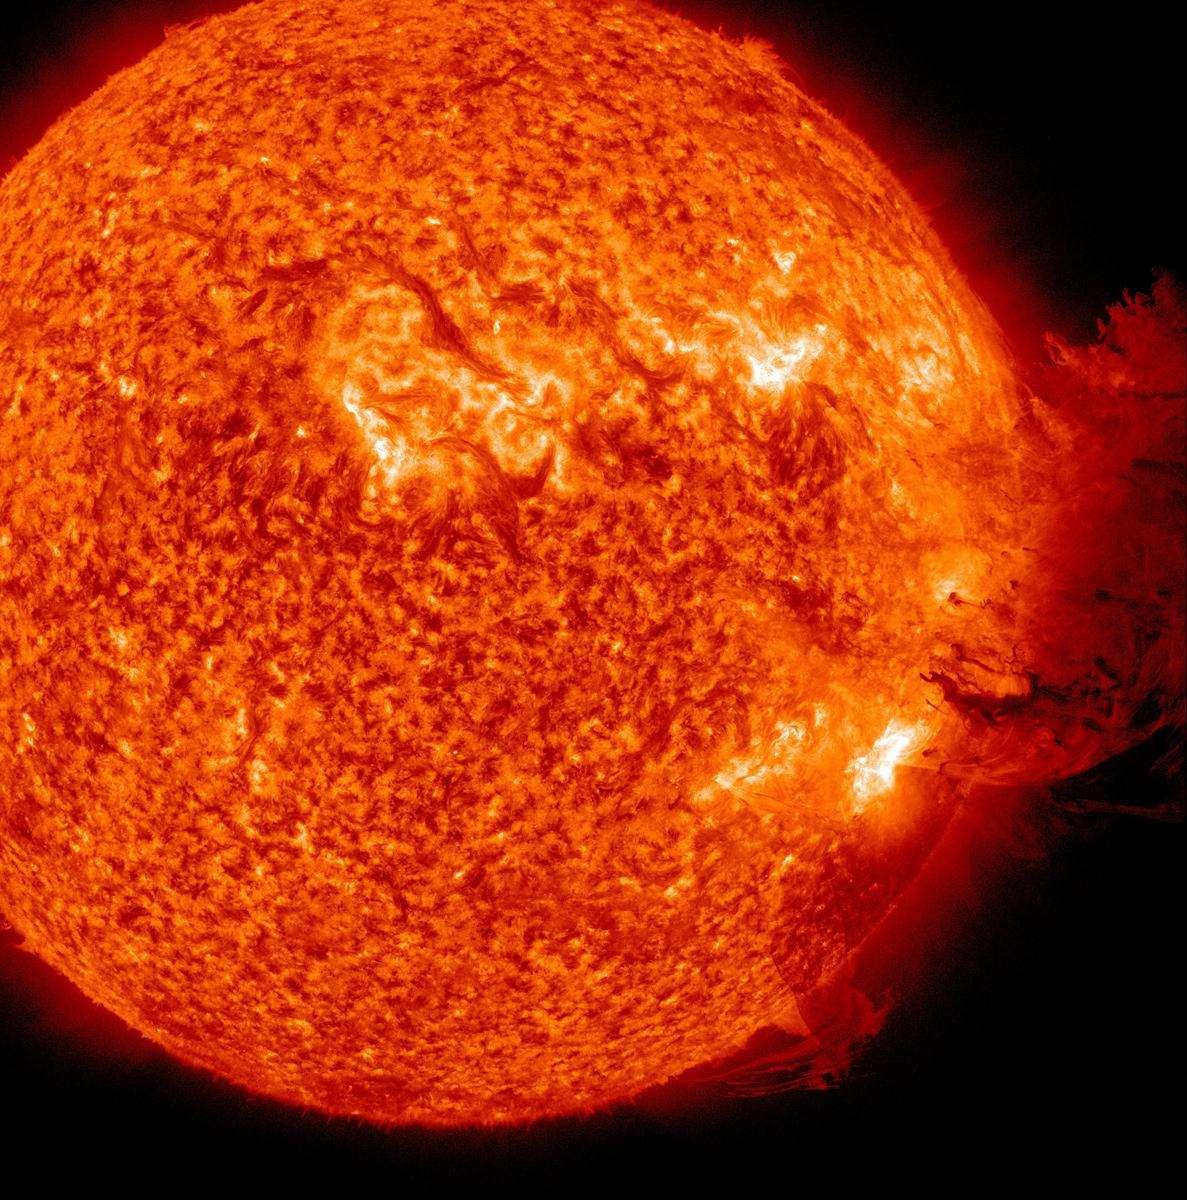 Une spectaculaire éjection de matière coronale observée le 7 juin 2011 par le Solar Dynamics Observatory. © Nasa/SDO